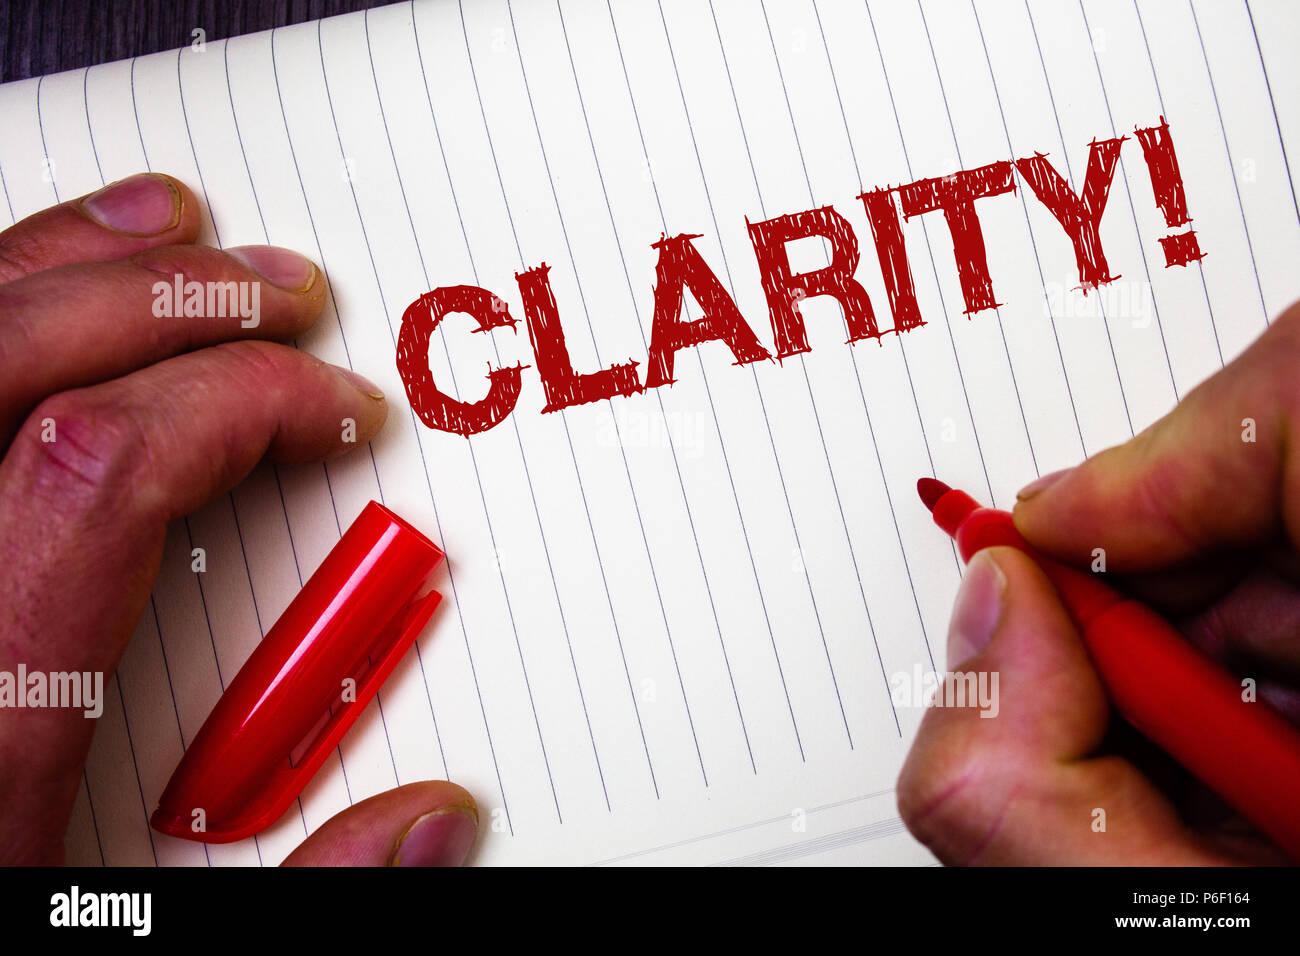 Conceptual la scrittura a mano che mostra la chiarezza. Business photo presentazione di certezza la purezza di precisione comprensibilità trasparenza precisione man tenere holding Immagini Stock